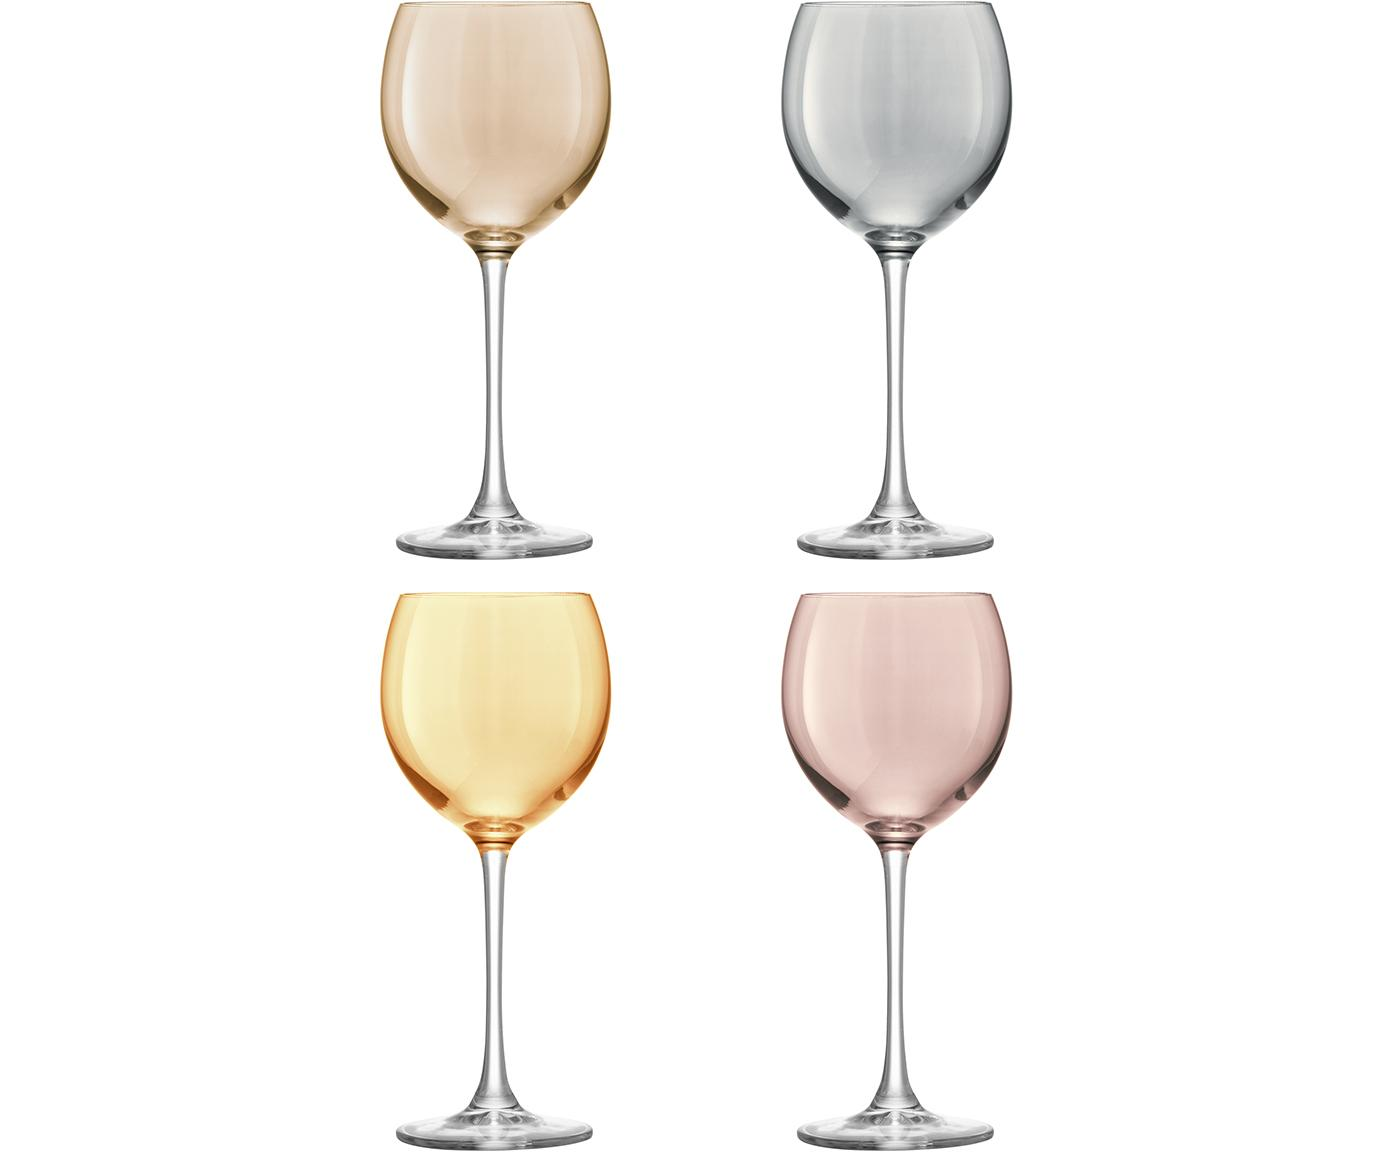 Ręcznie malowany kieliszek do wina Polka, 4 elem., Szkło, Żółty, kasztanowy, szary, brązowy, Ø 9 x W 21 cm